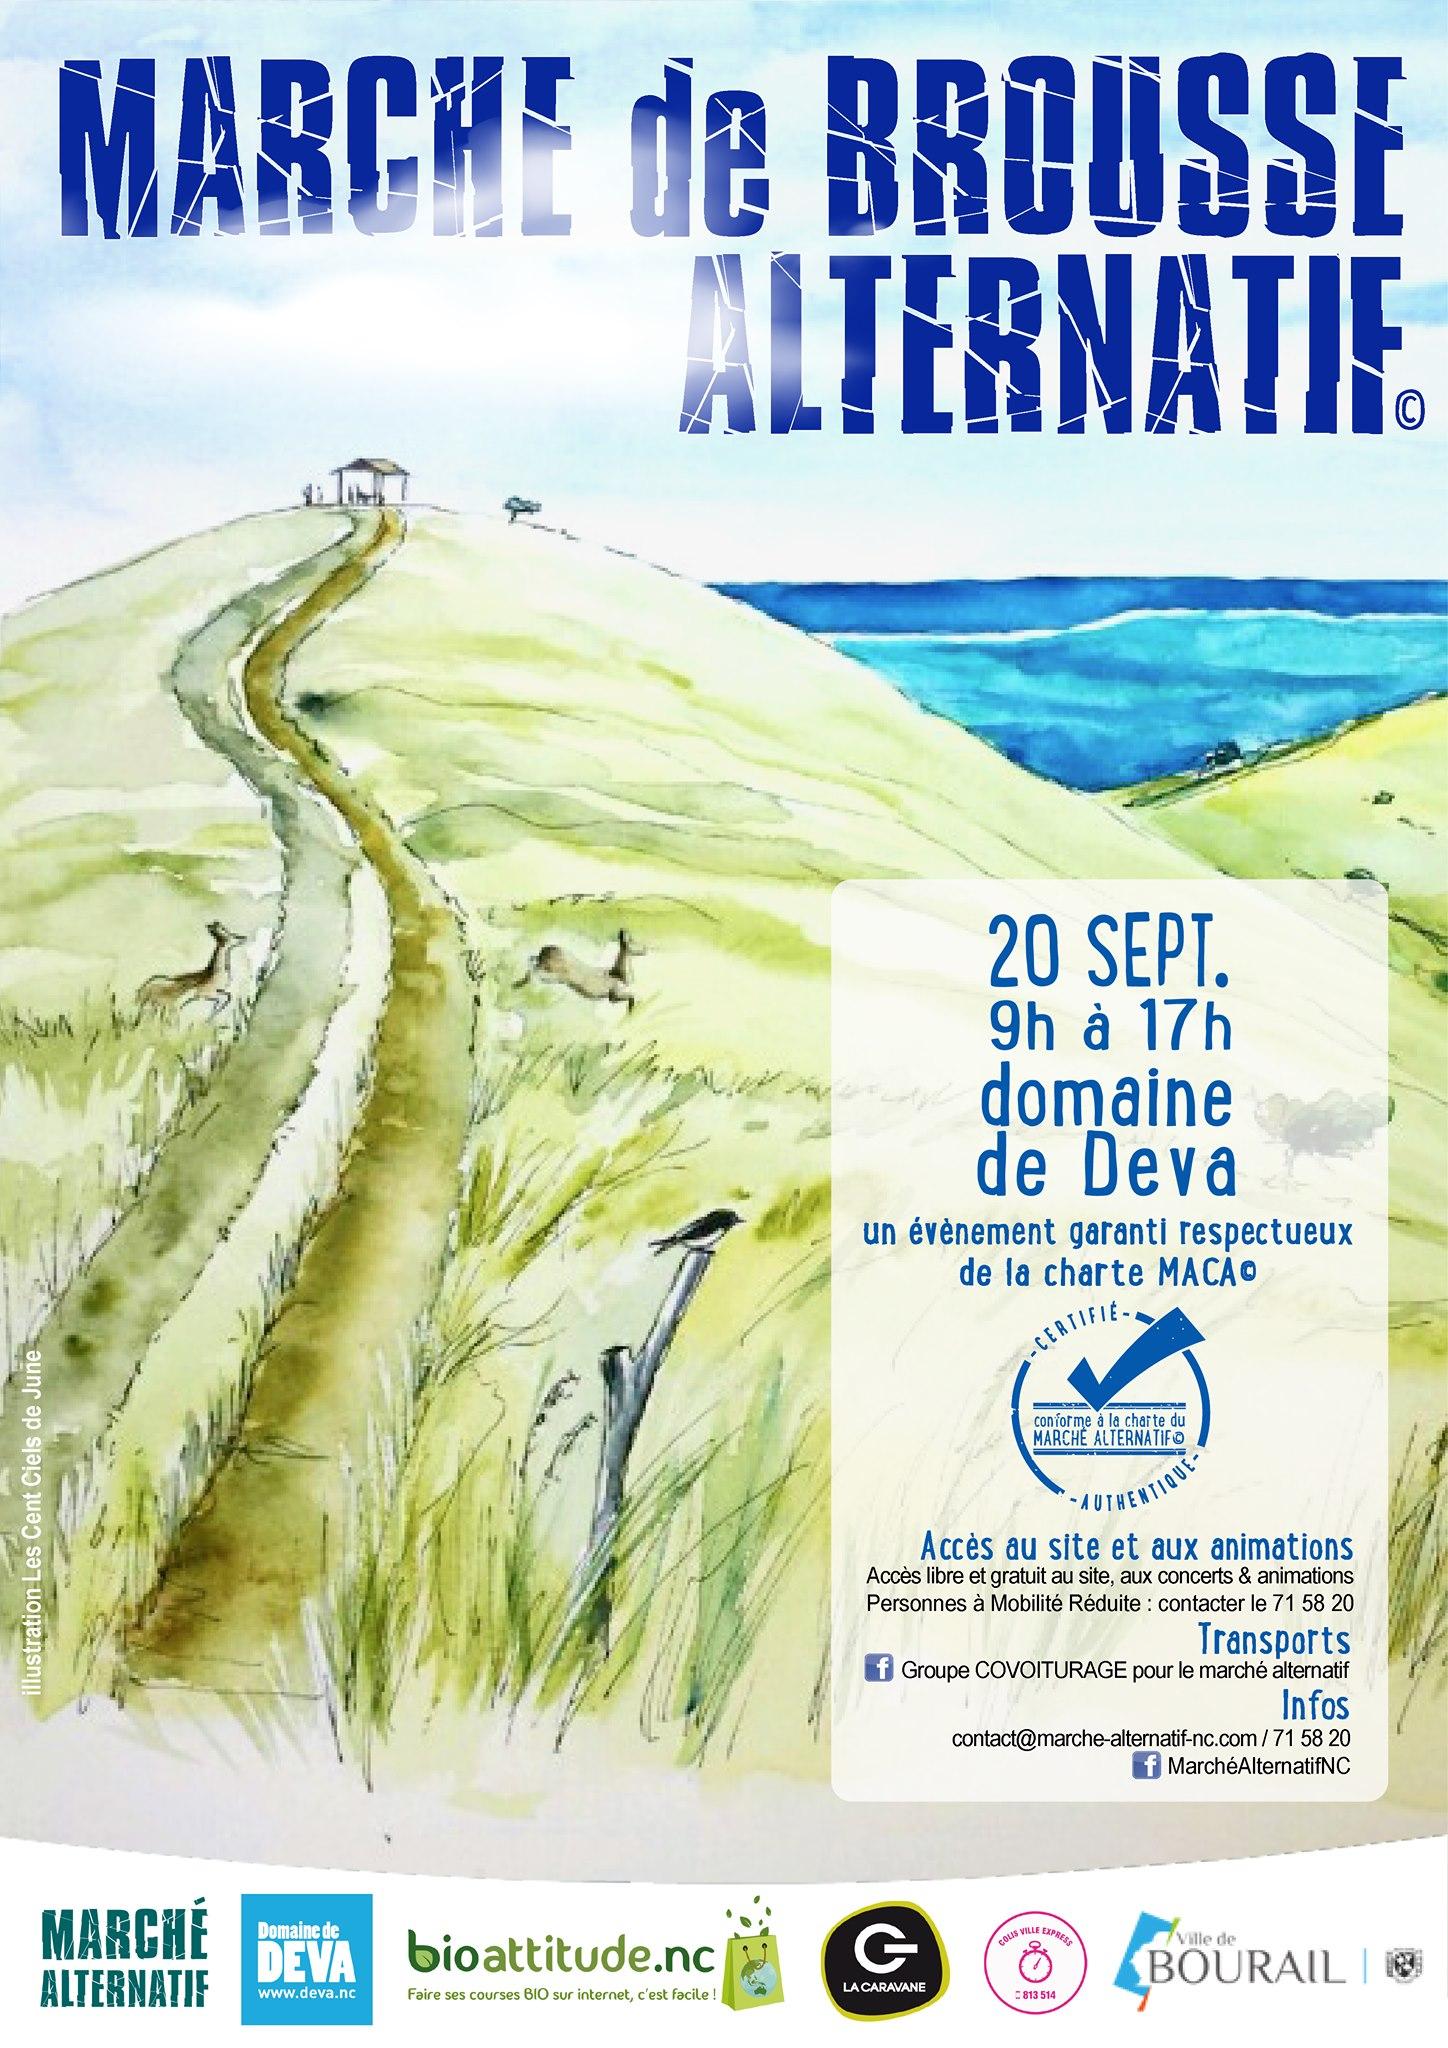 Le Grand marché alternatif de Brousse aura lieu le 20 septembre autour de la grande case du Domaine de Déva avec de nombreux artisans, producteurs, tribus de la région, des animations pour toutes la famille.